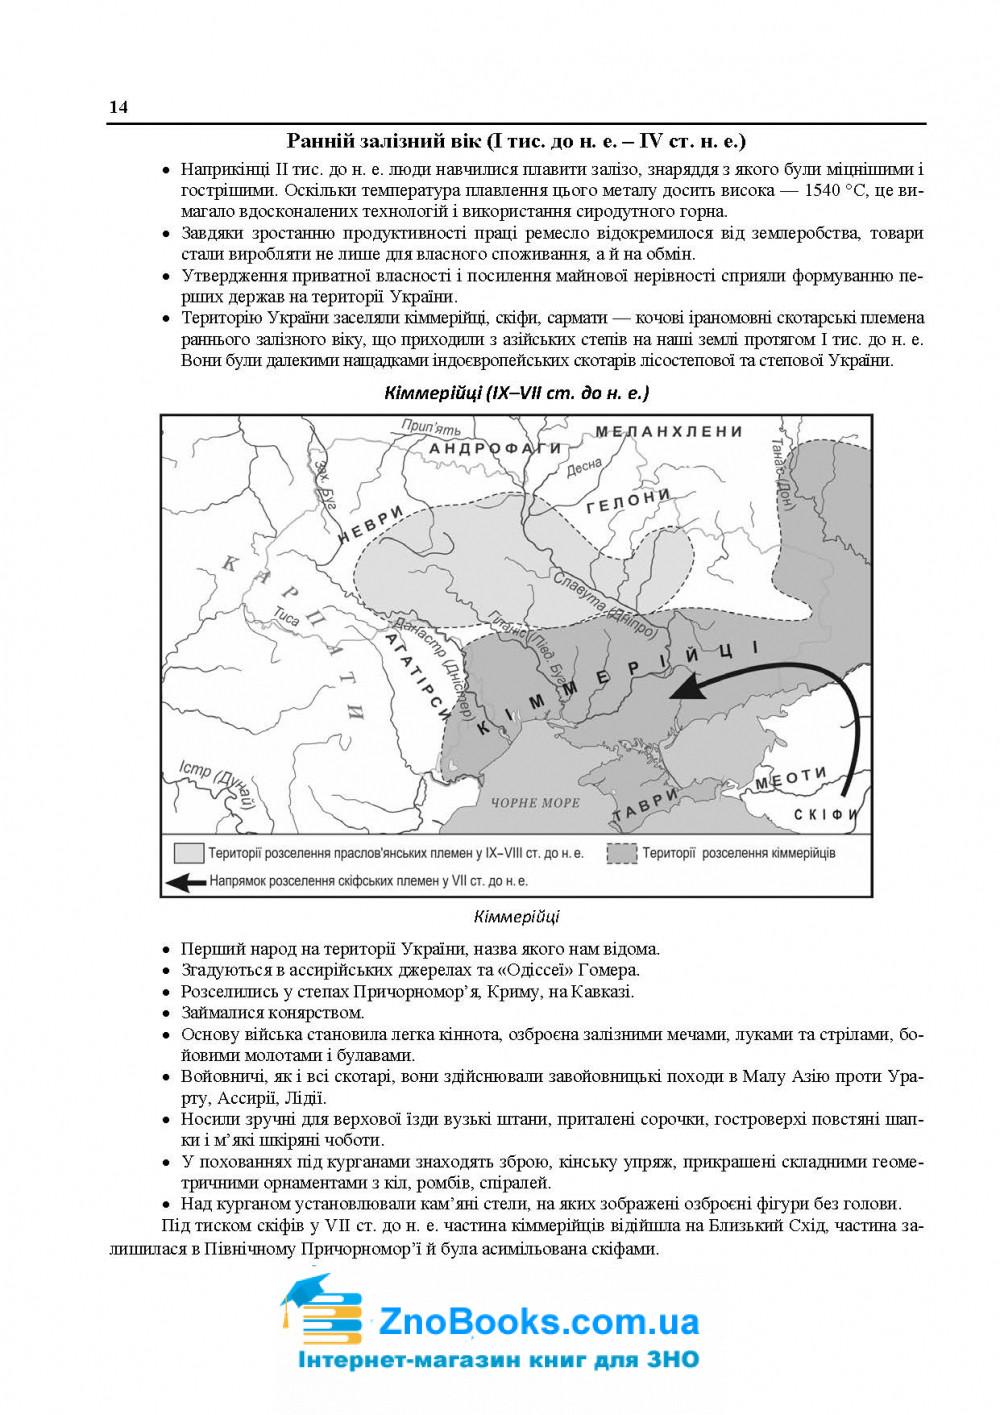 Історія України ЗНО 2021. Комплексне видання : Земерова Т. Підручники і посібники купити 9